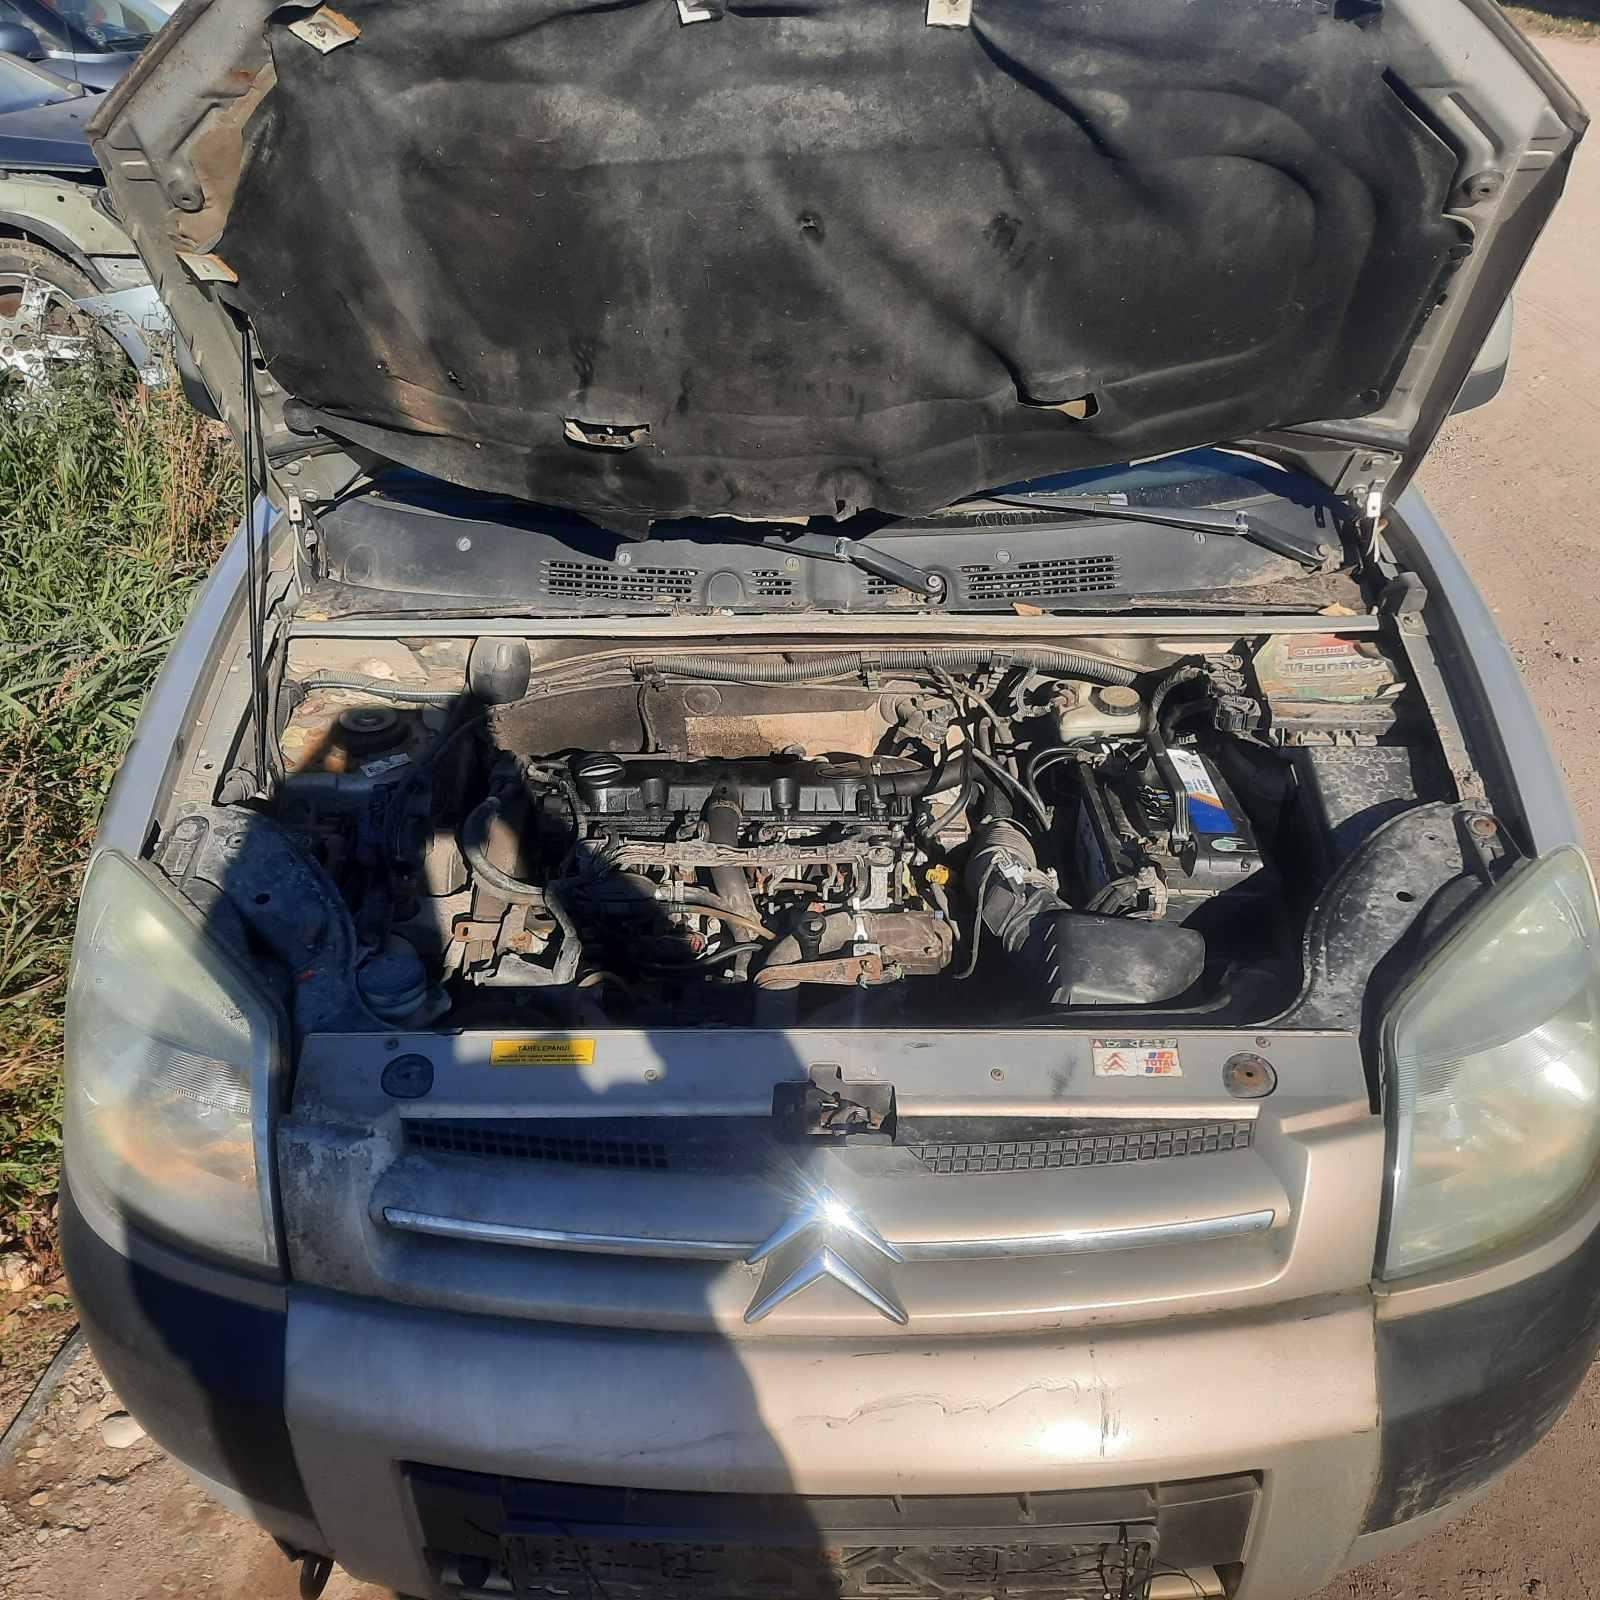 Подержанные Автозапчасти Foto 3 Citroen BERLINGO 2003 2.0 машиностроение коммерческая 4/5 d. серебро 2021-10-11 A6729